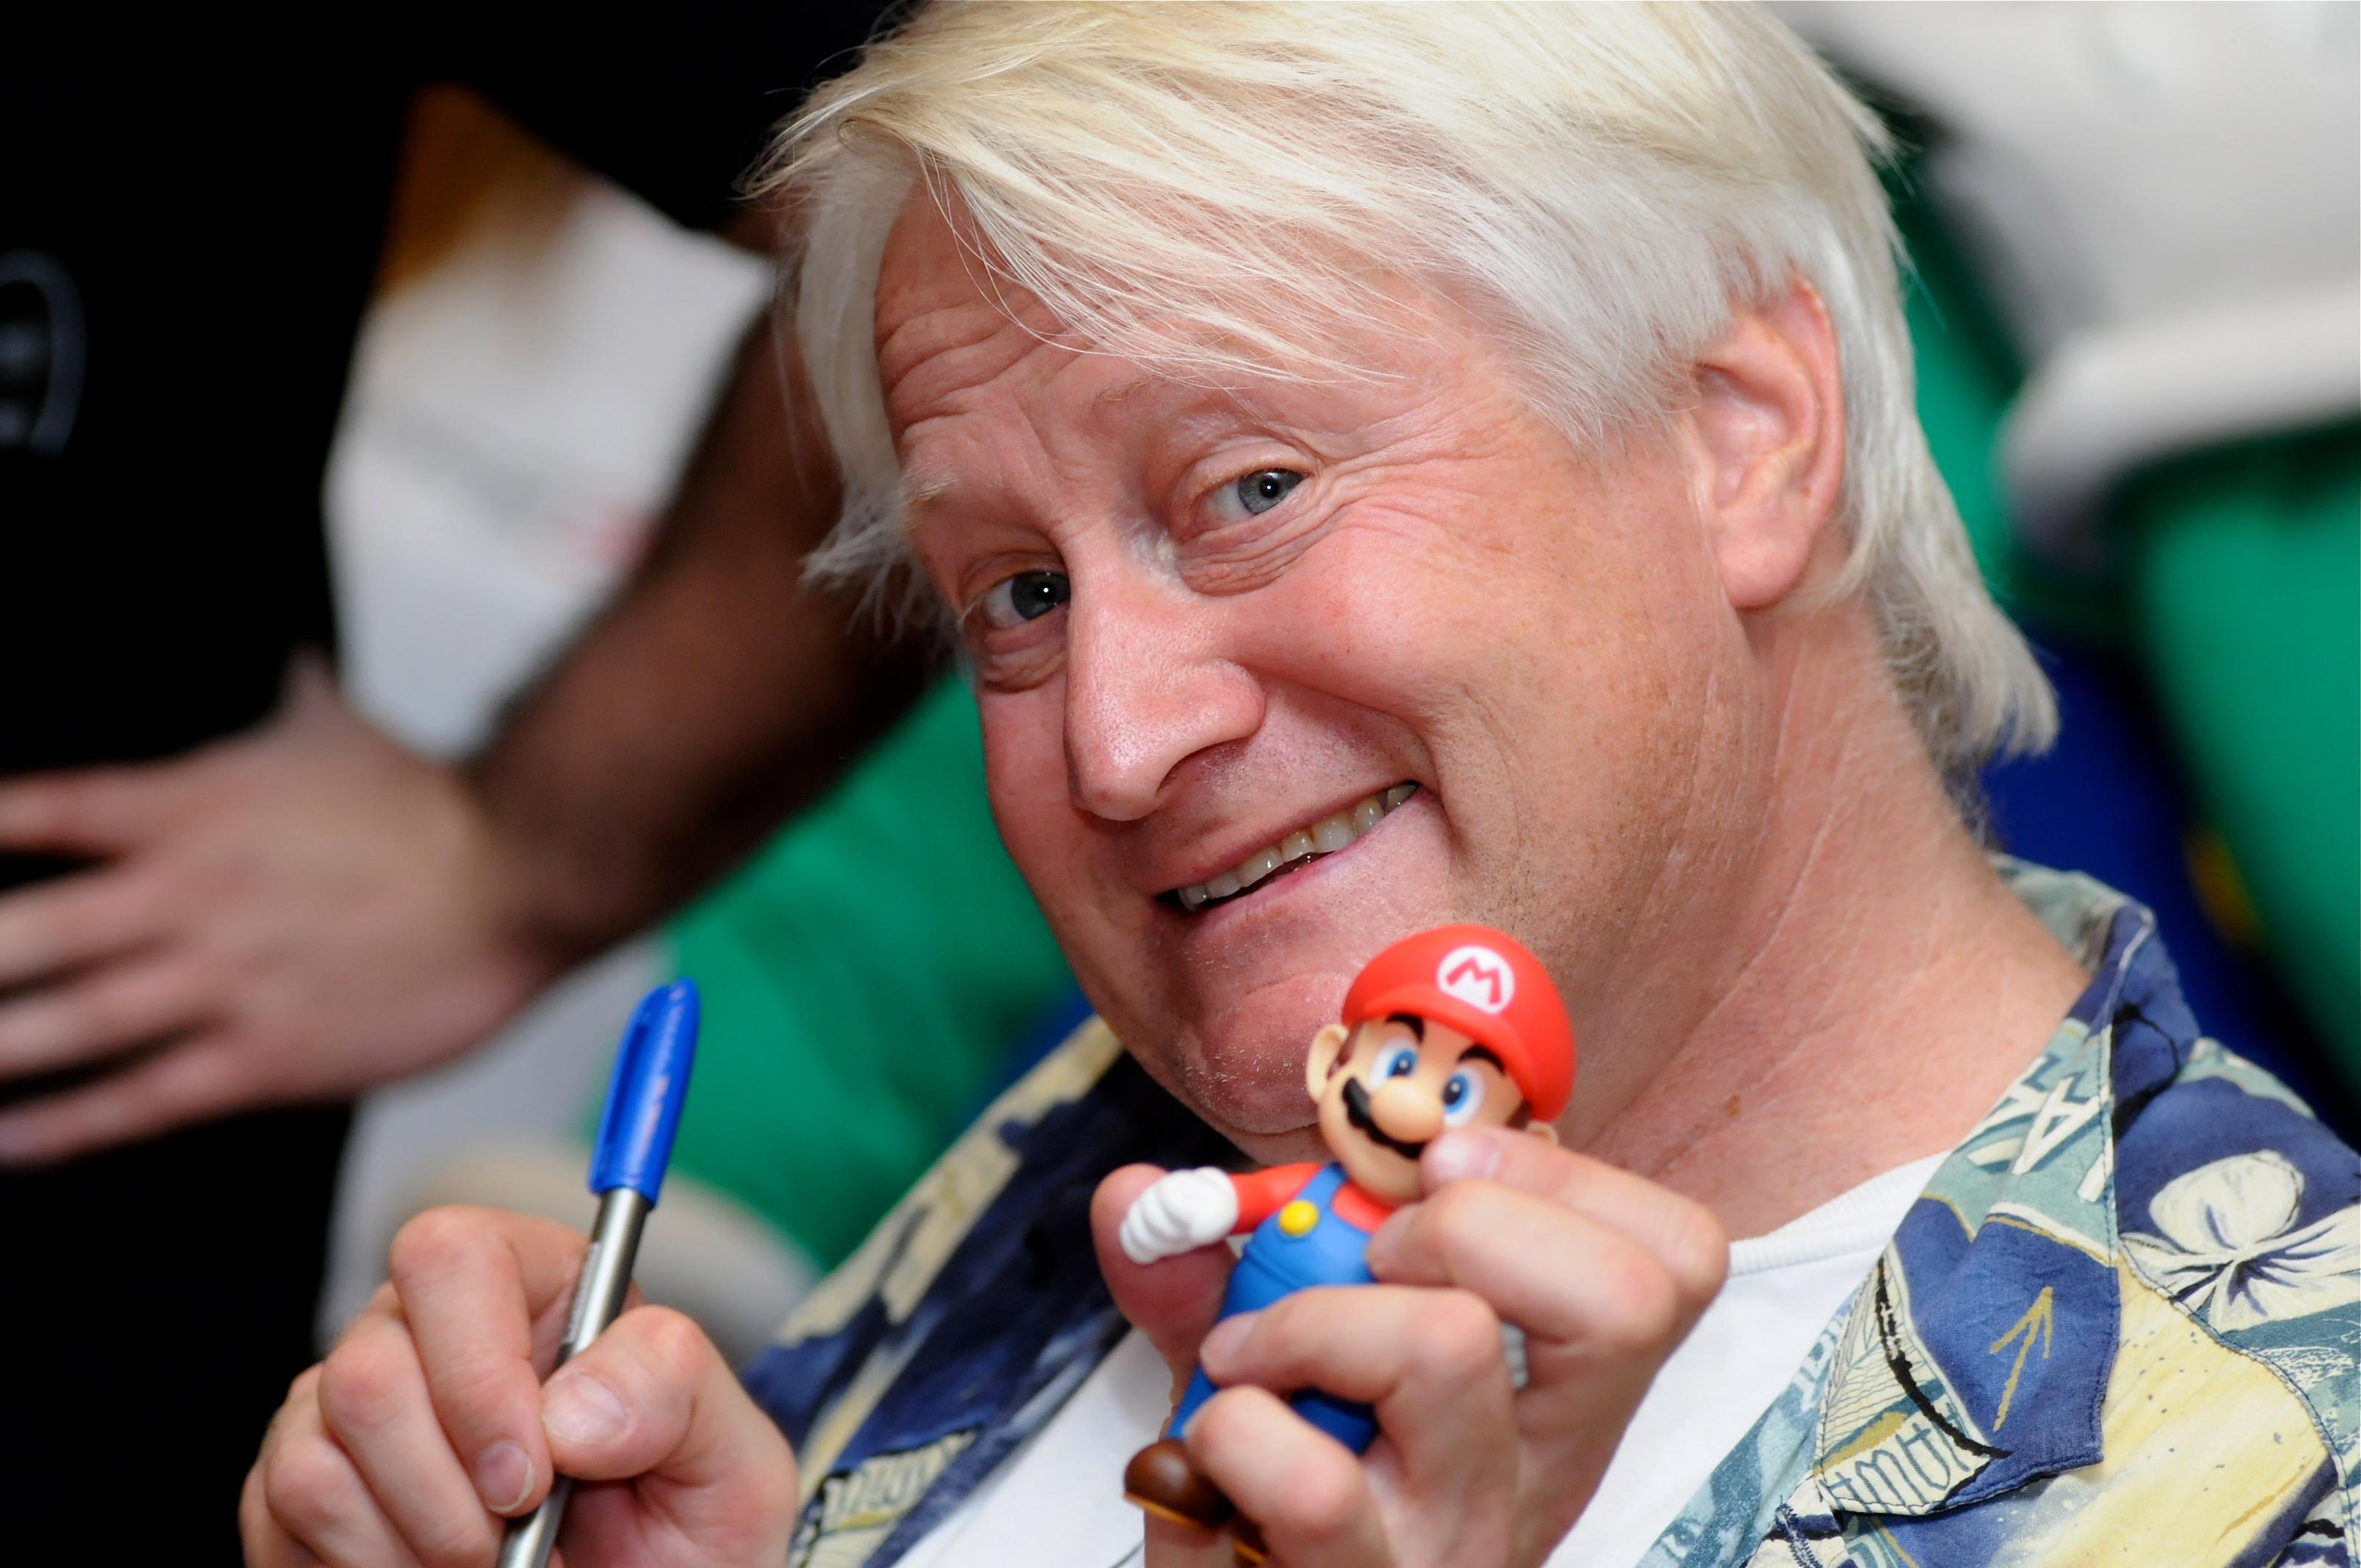 Charles Martinet dubla os personagens da Nintendo desde 1995 (Foto: Nintendo Life)